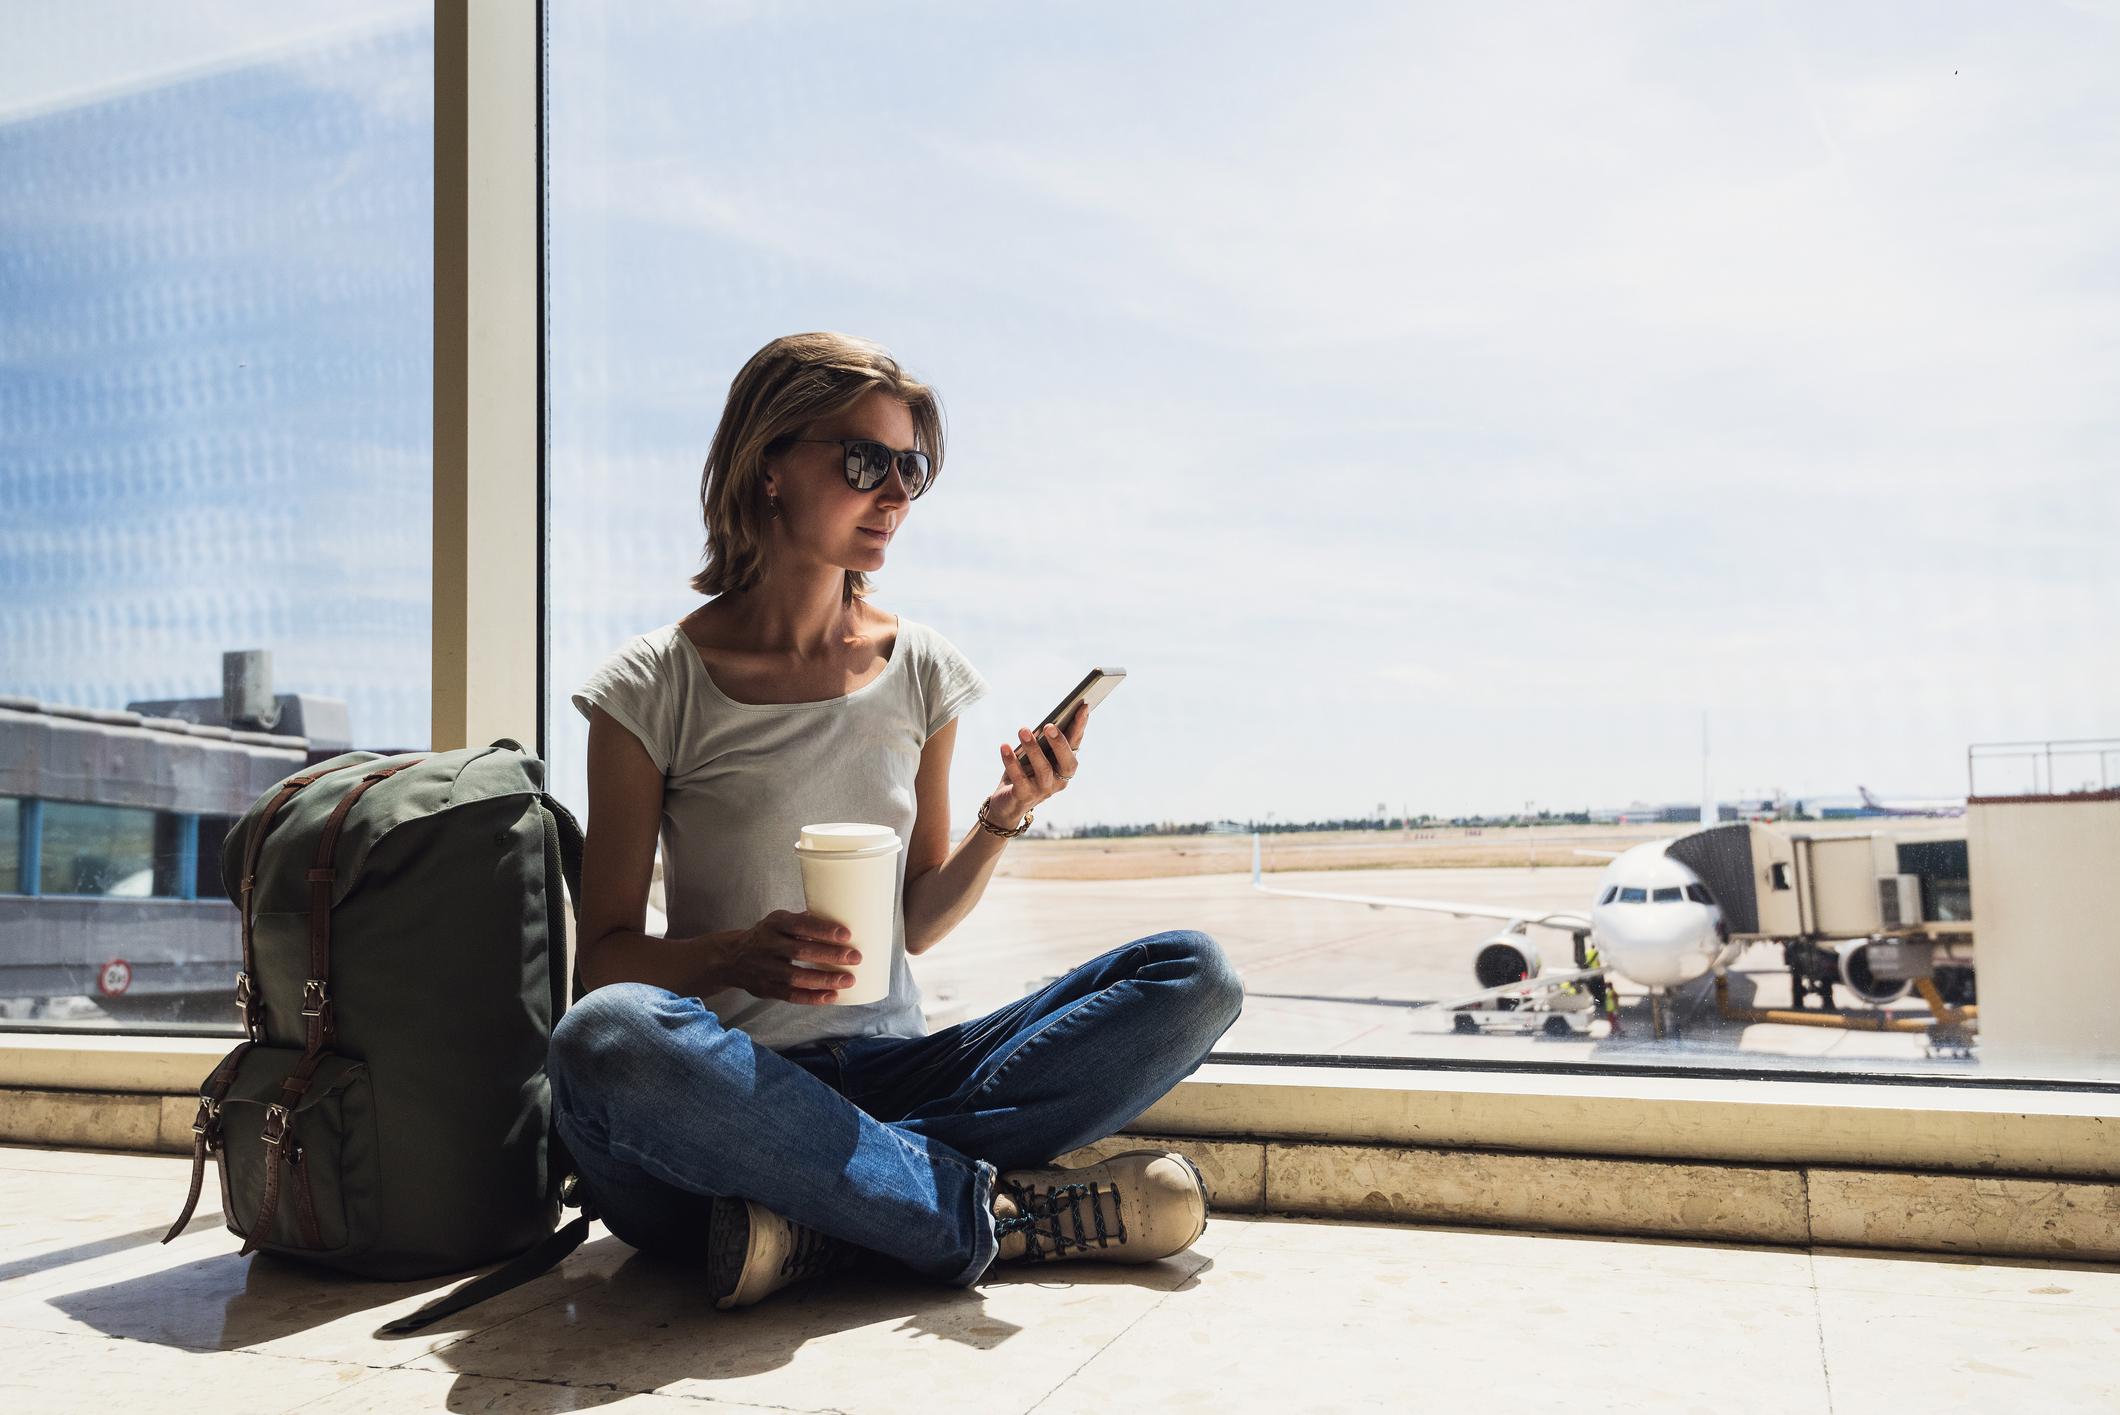 туризм, путешествие, рюкзак, ручная кладь, женщина с рюкзаком